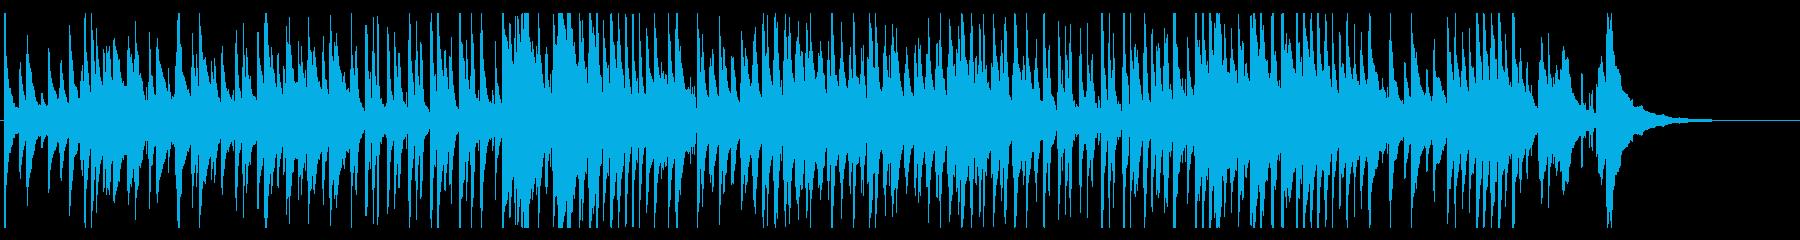 ひいらぎかざろう お洒落なピアノトリオの再生済みの波形